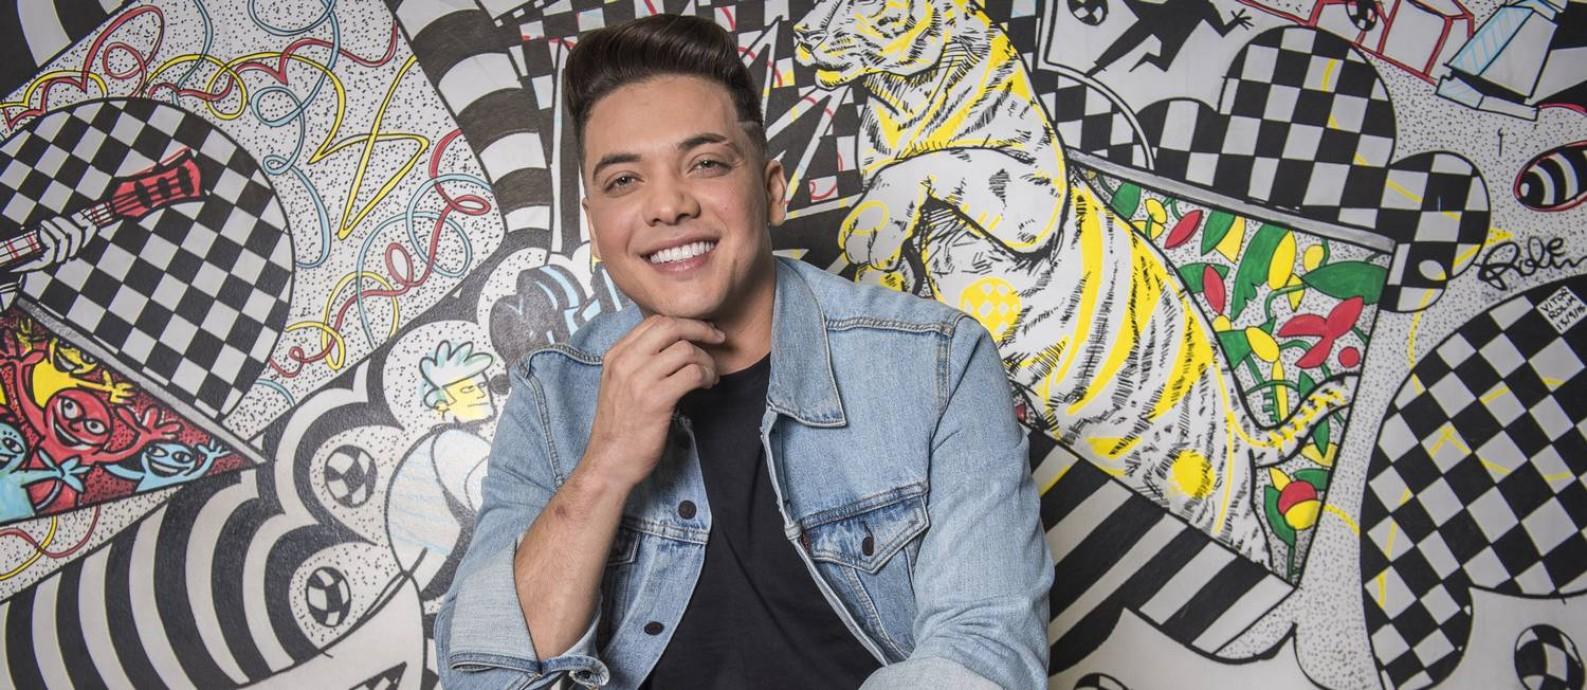 Wesley Safadão, que vai comandar o 'So toca top', na rede Globo, ao lado da cantora e atriz Lucy Alves Foto: Fábio Rocha / Divulgação